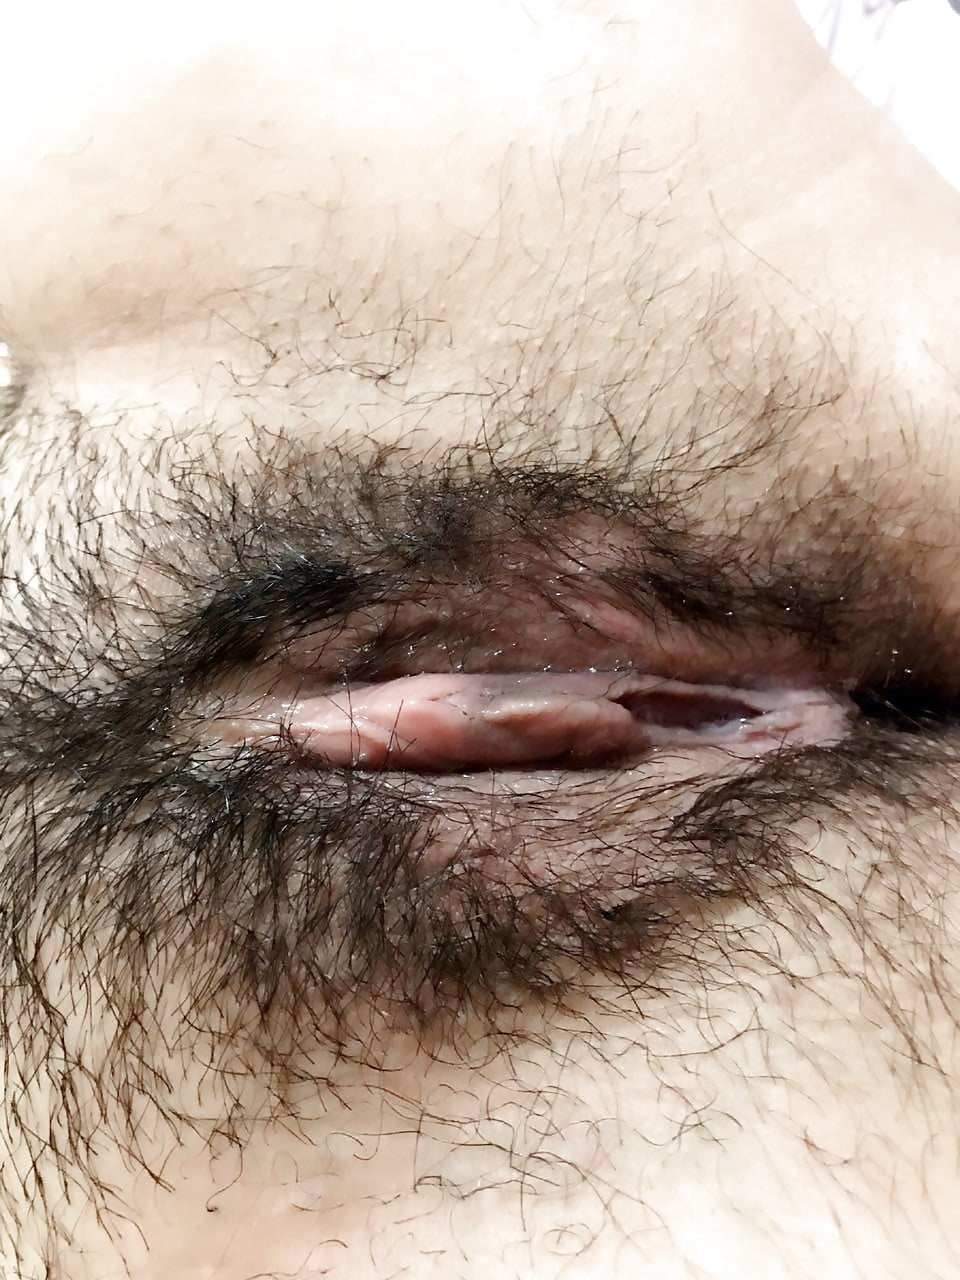 from Benton all virgin pussy pics